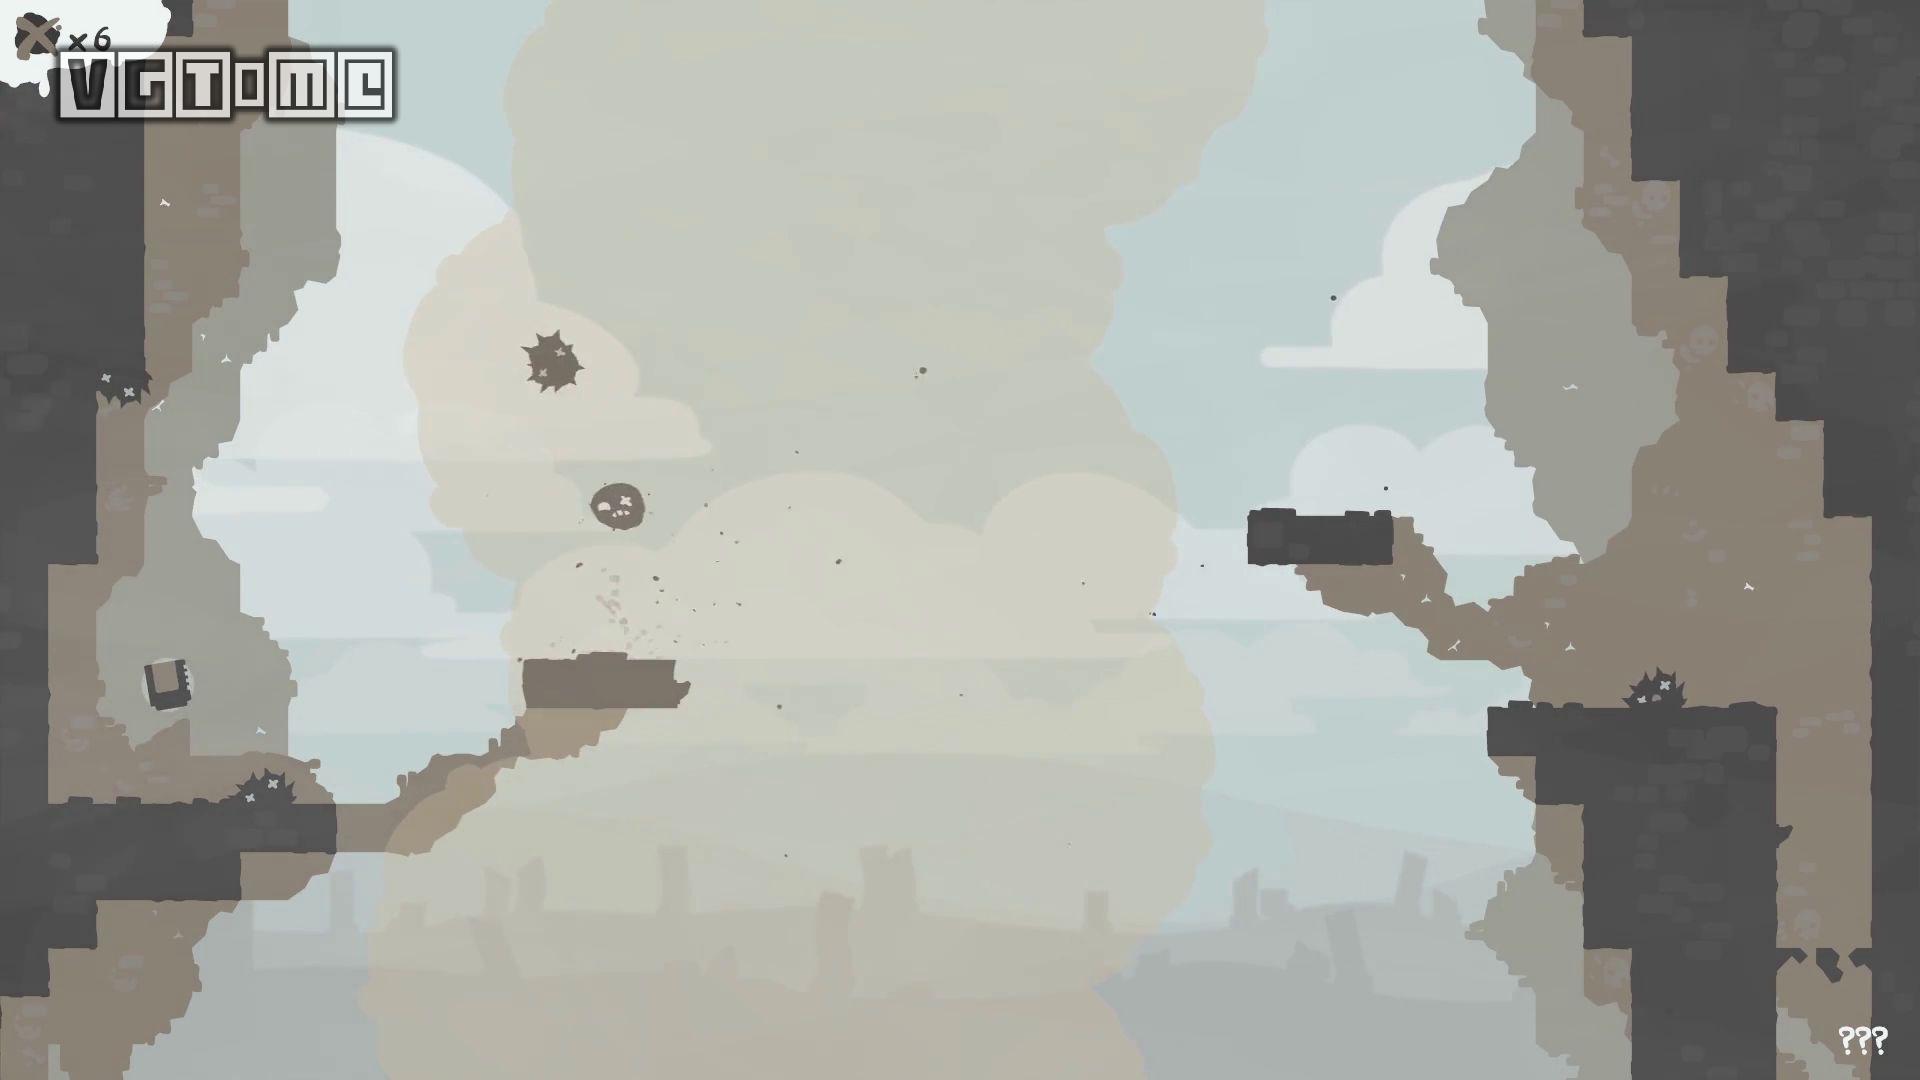 《末日将至》评测:高难度平台游戏的困局